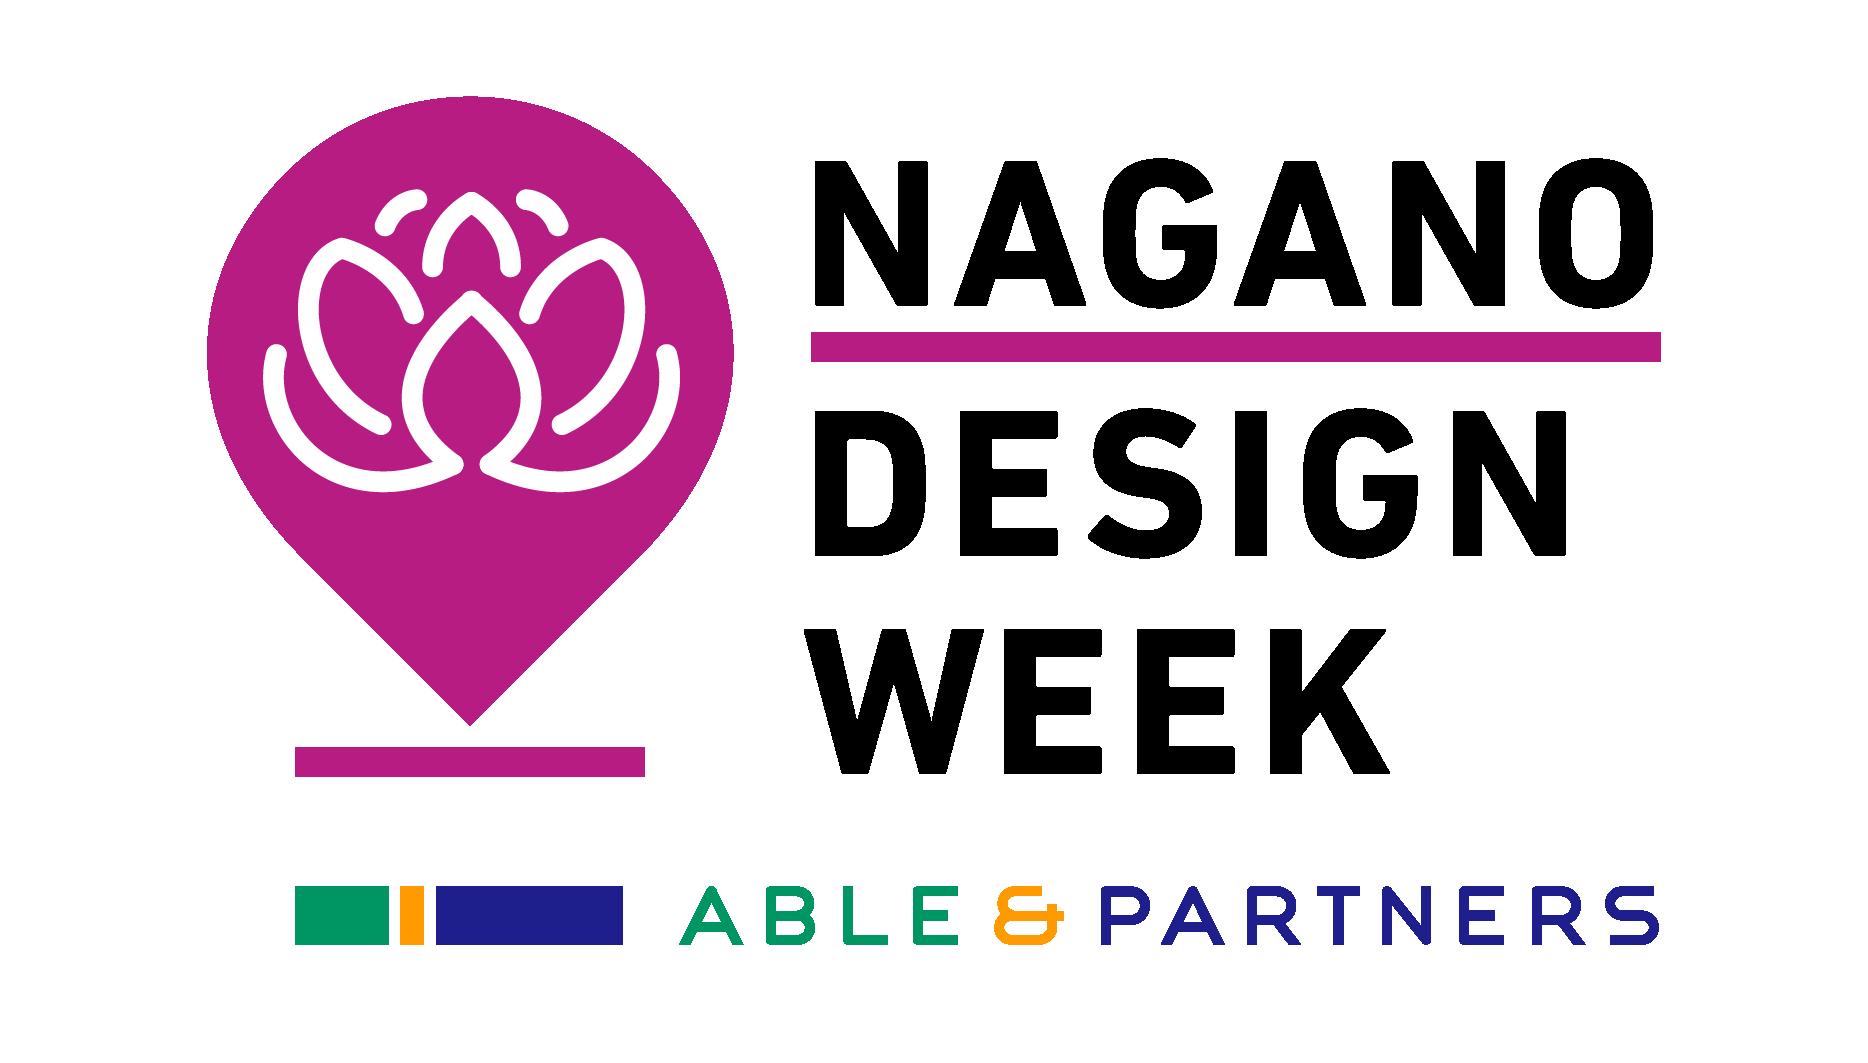 nagano_DW_logo.png